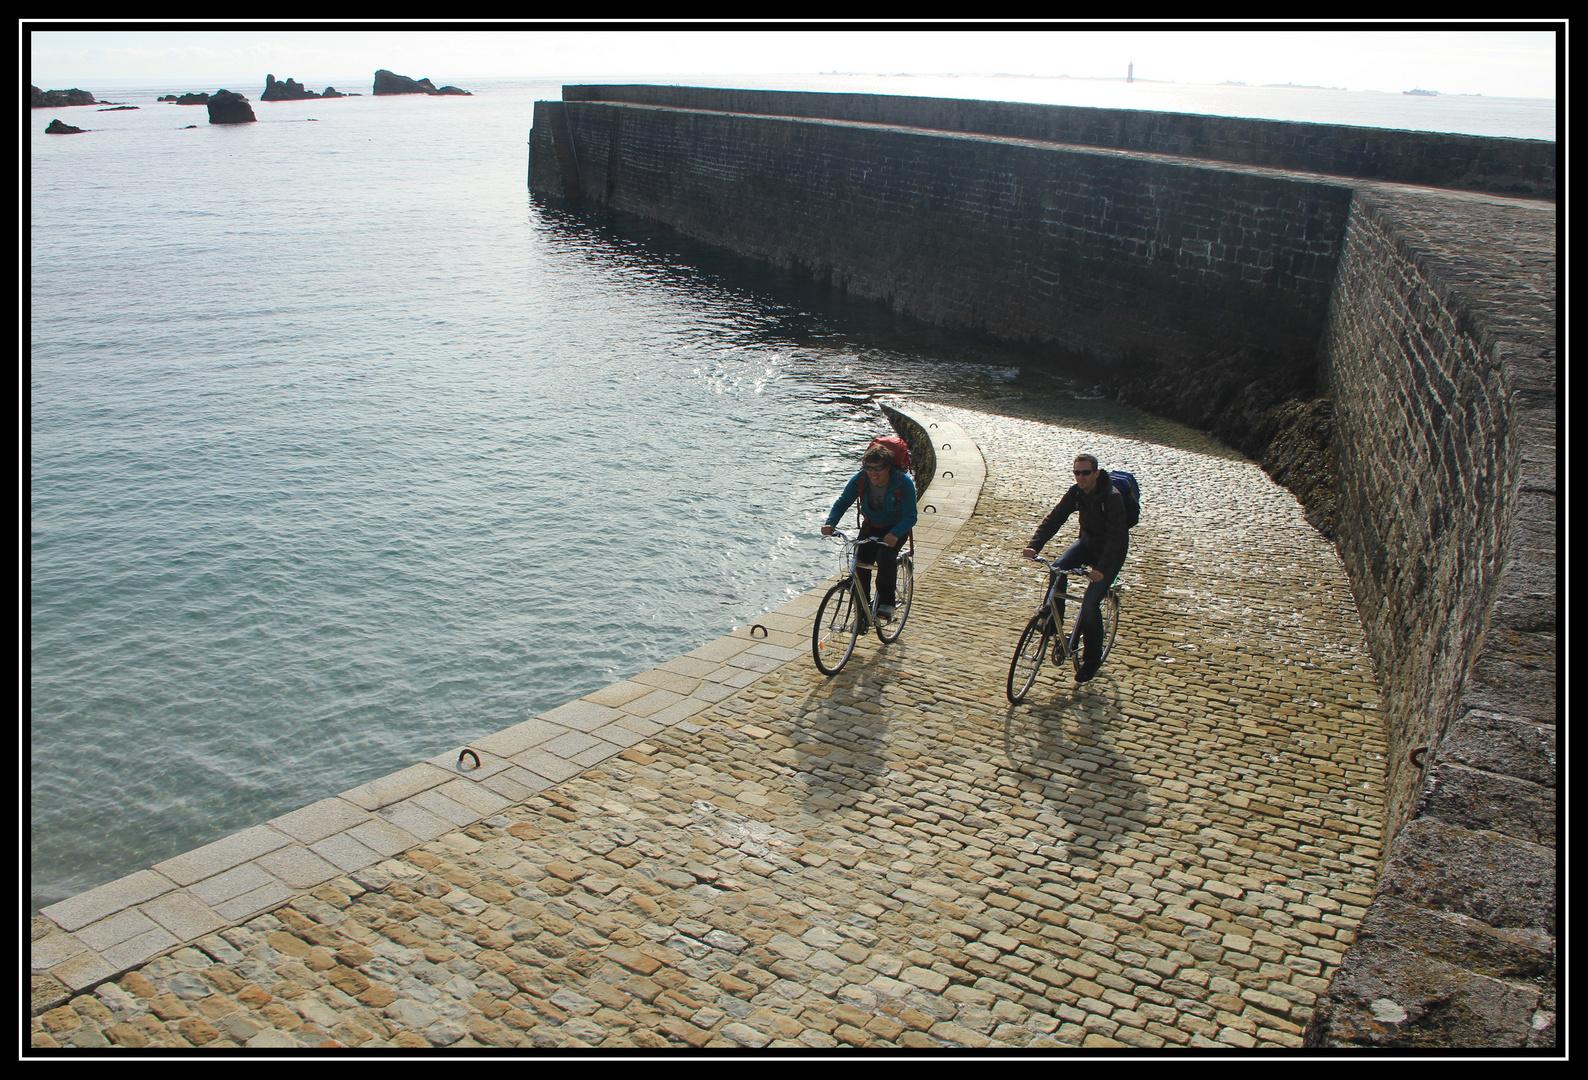 Zwei Fahrradfahrer und das Meer